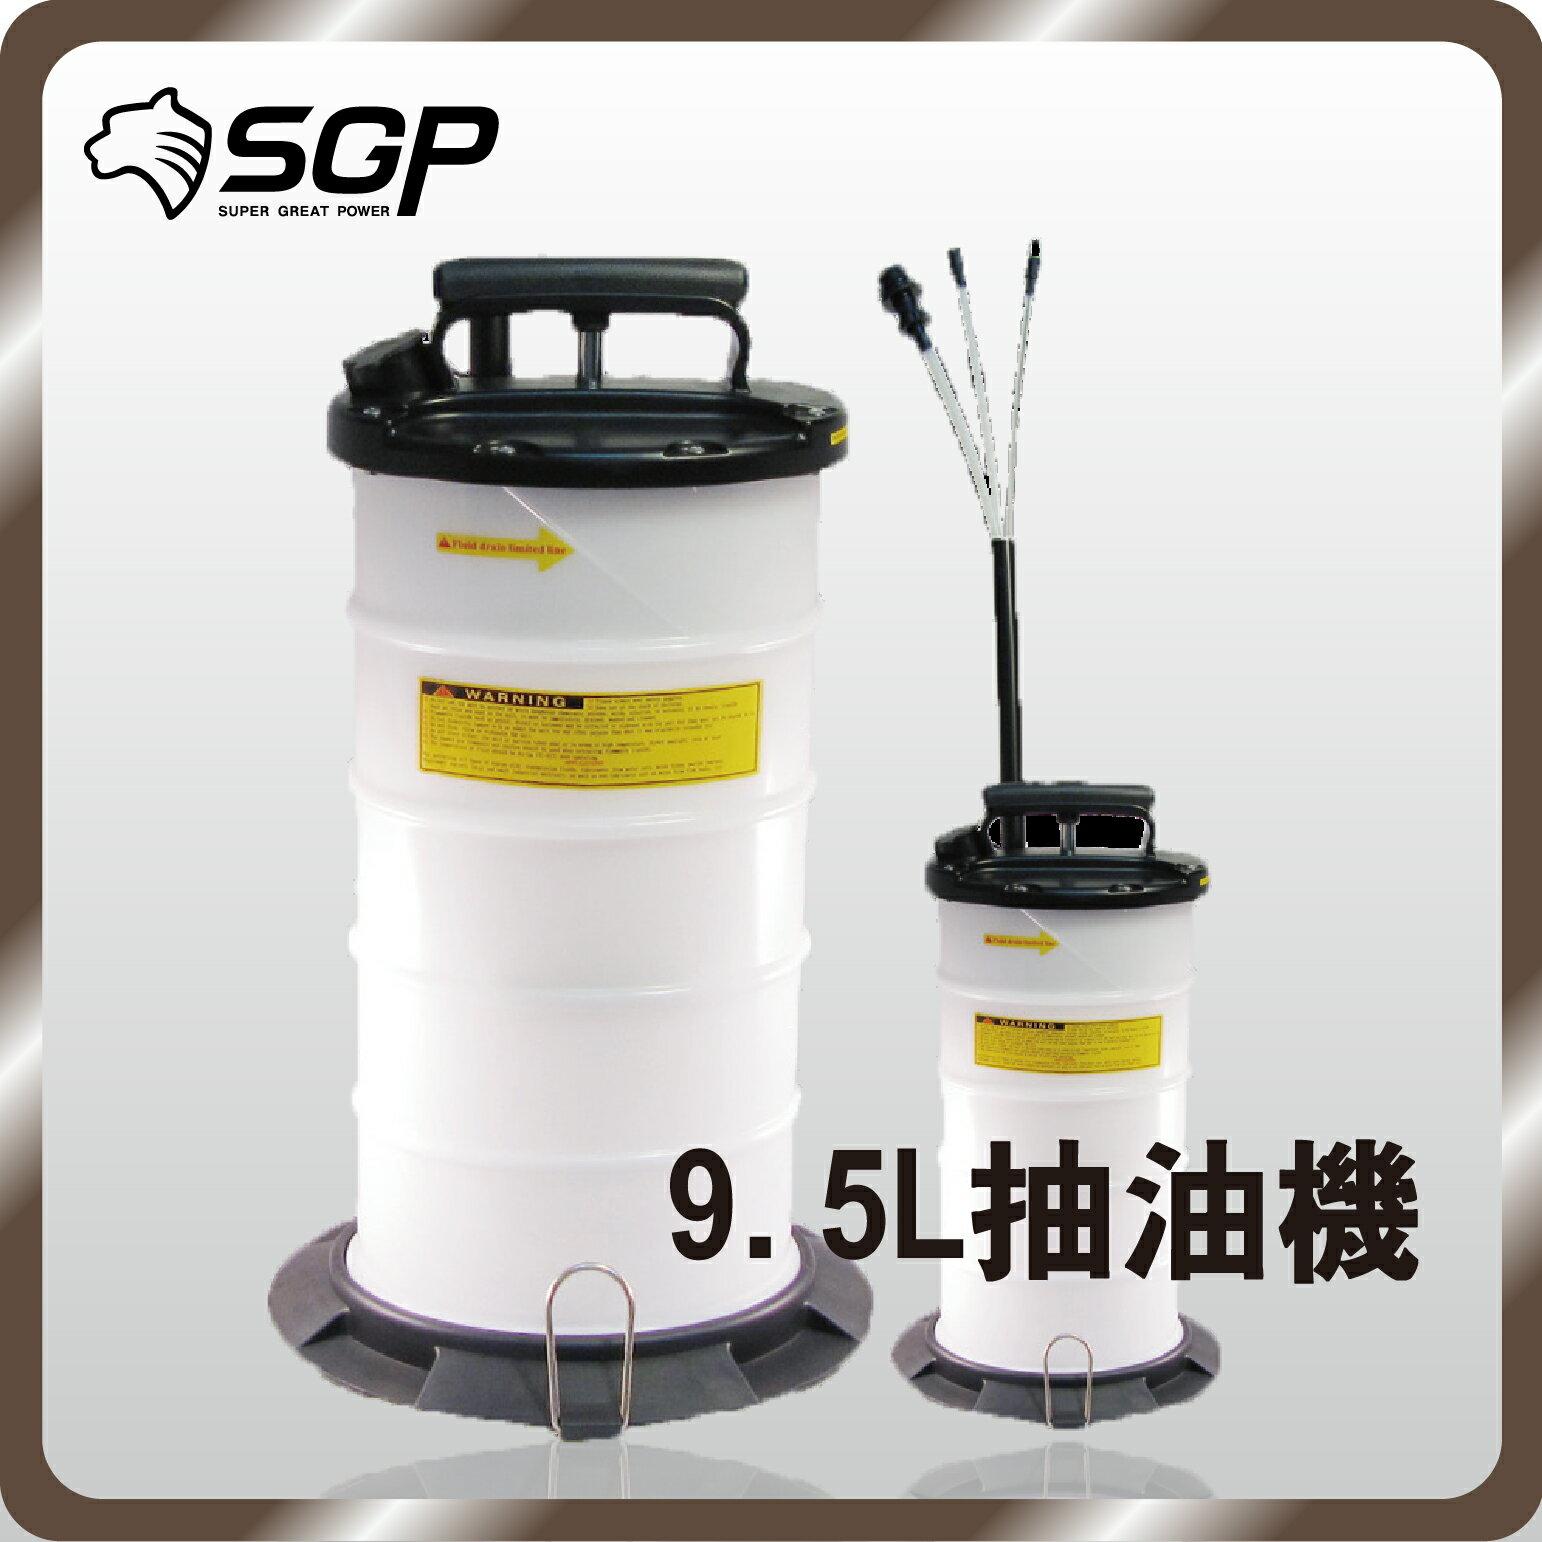 【免運】9.5L手動抽油機-(附收納管 管口附防塵蓋)